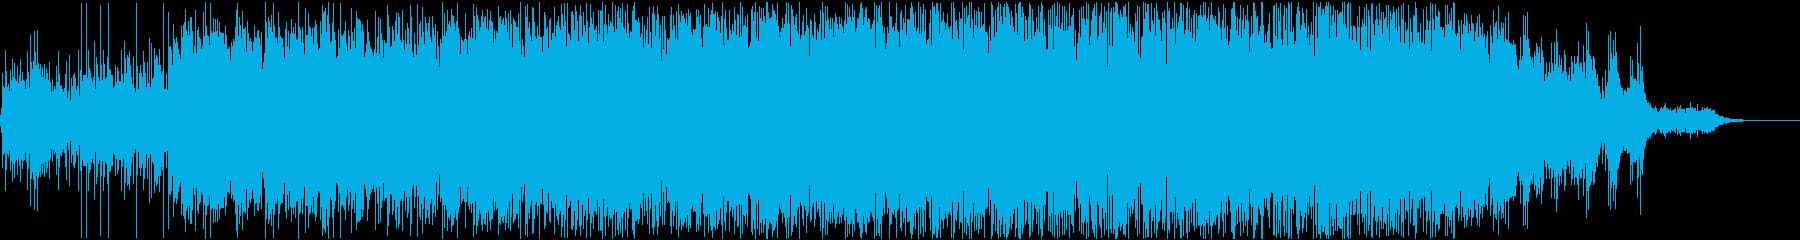 アンビエントインスタンス魅惑のソフ...の再生済みの波形